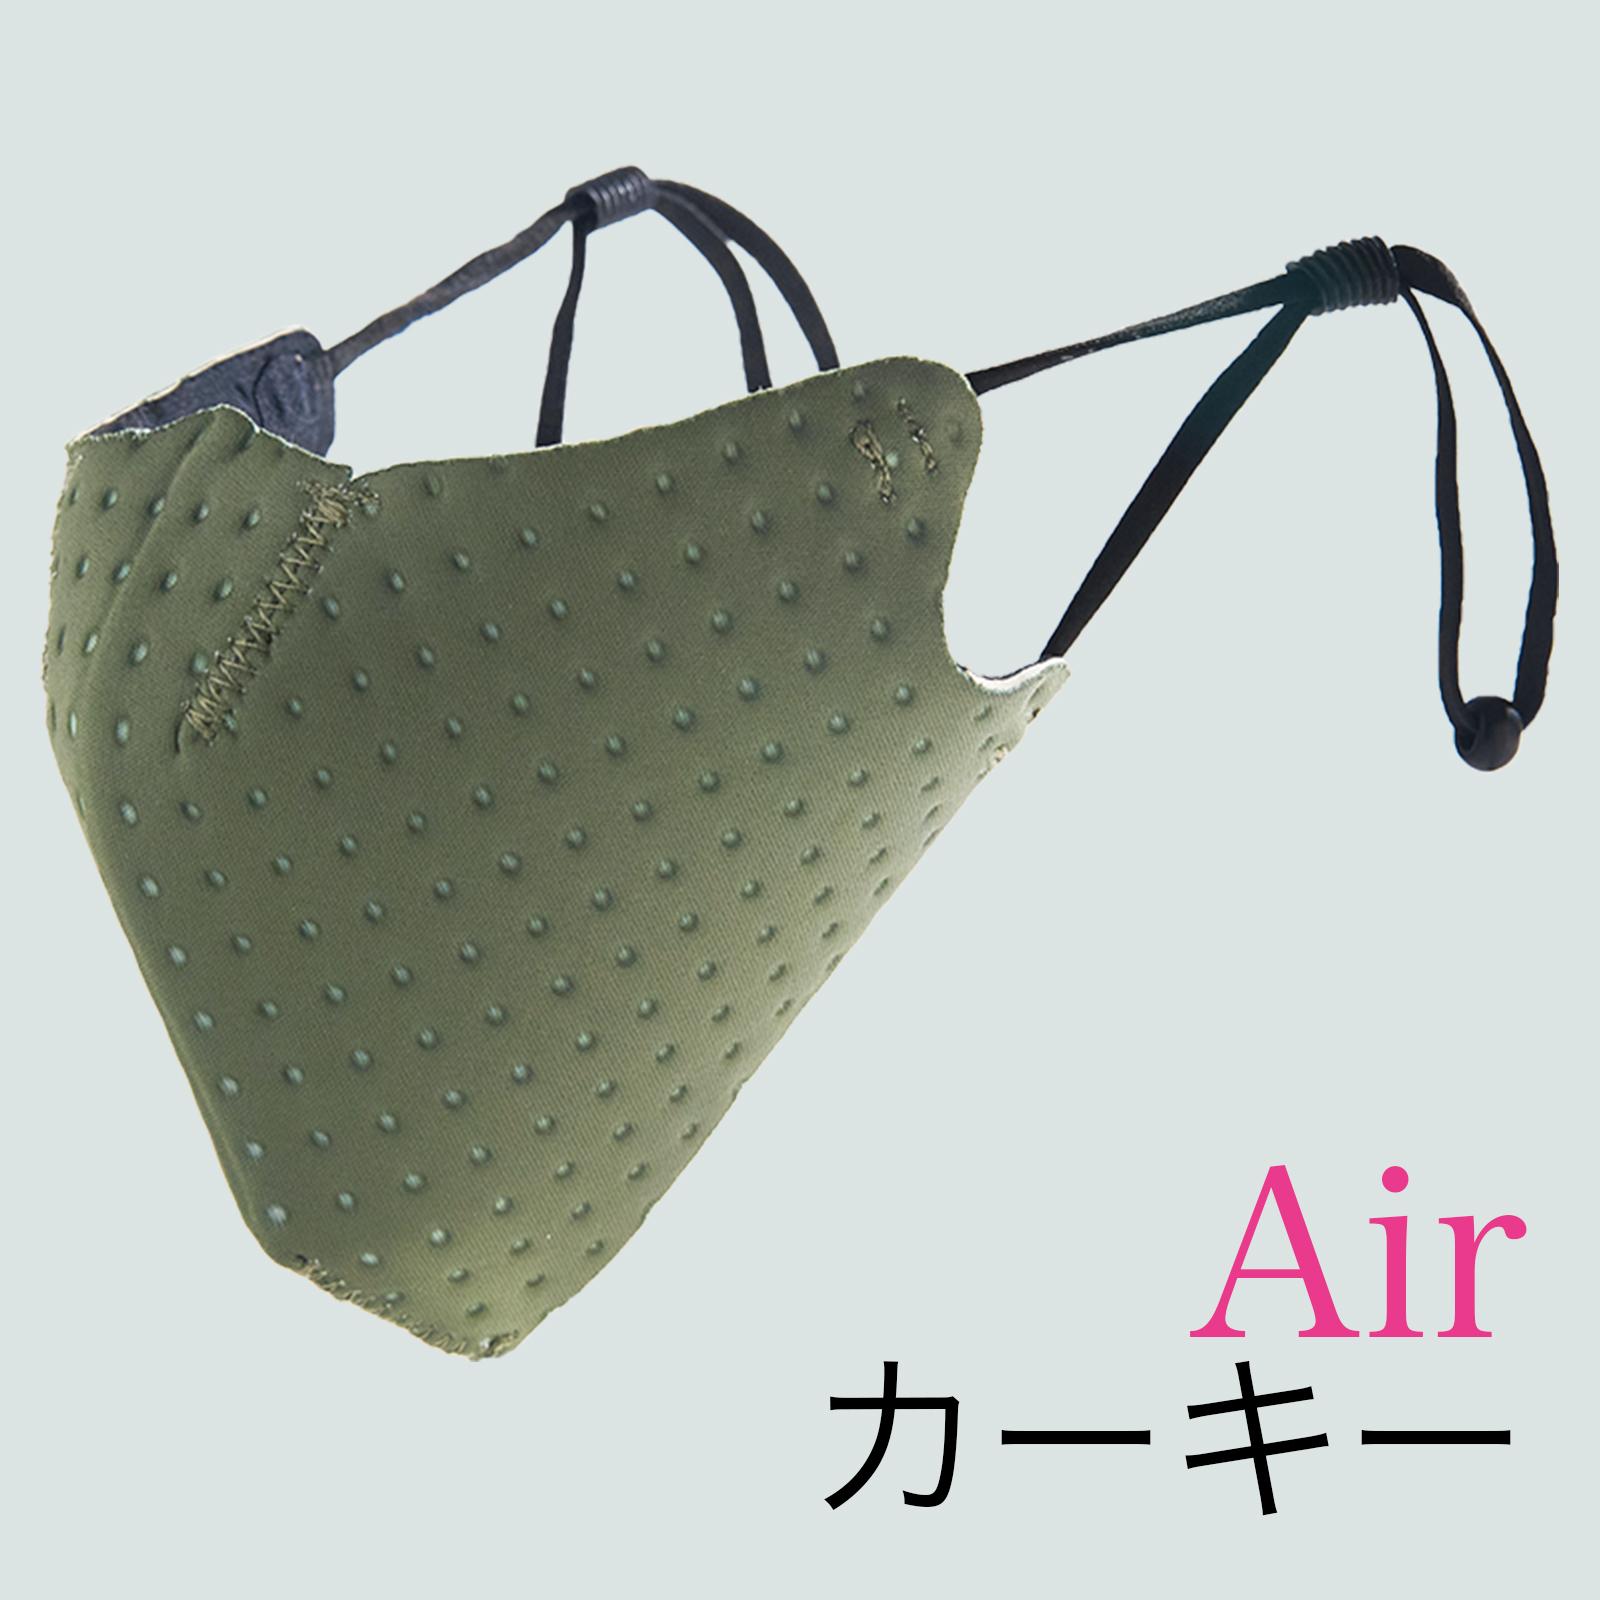 【単色購入】呼吸 Co-que Air カーキー